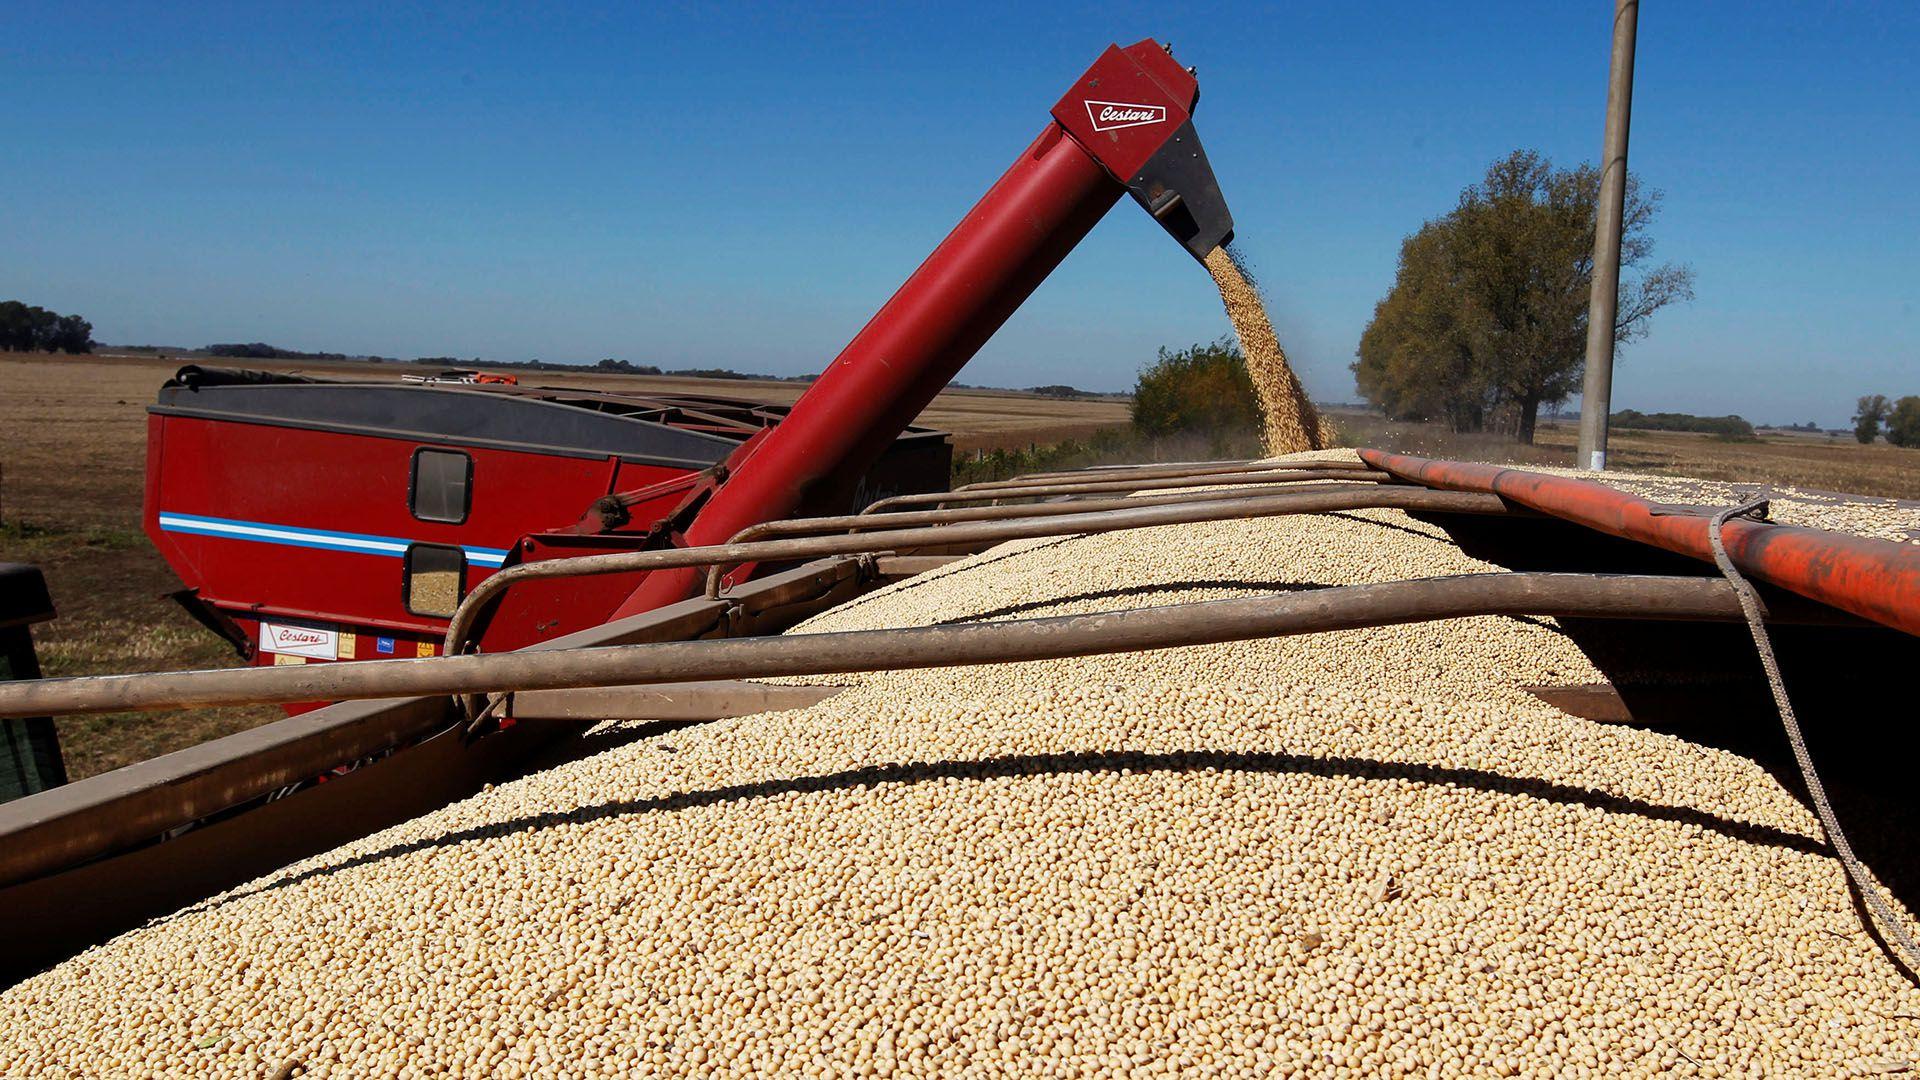 La maquinaria agrícola fue uno de los sectores que más se destacó en la inversión del sector agropecuario en Santa Fe. El impacto de la mejora de los precios internacionales de la soja y los granos